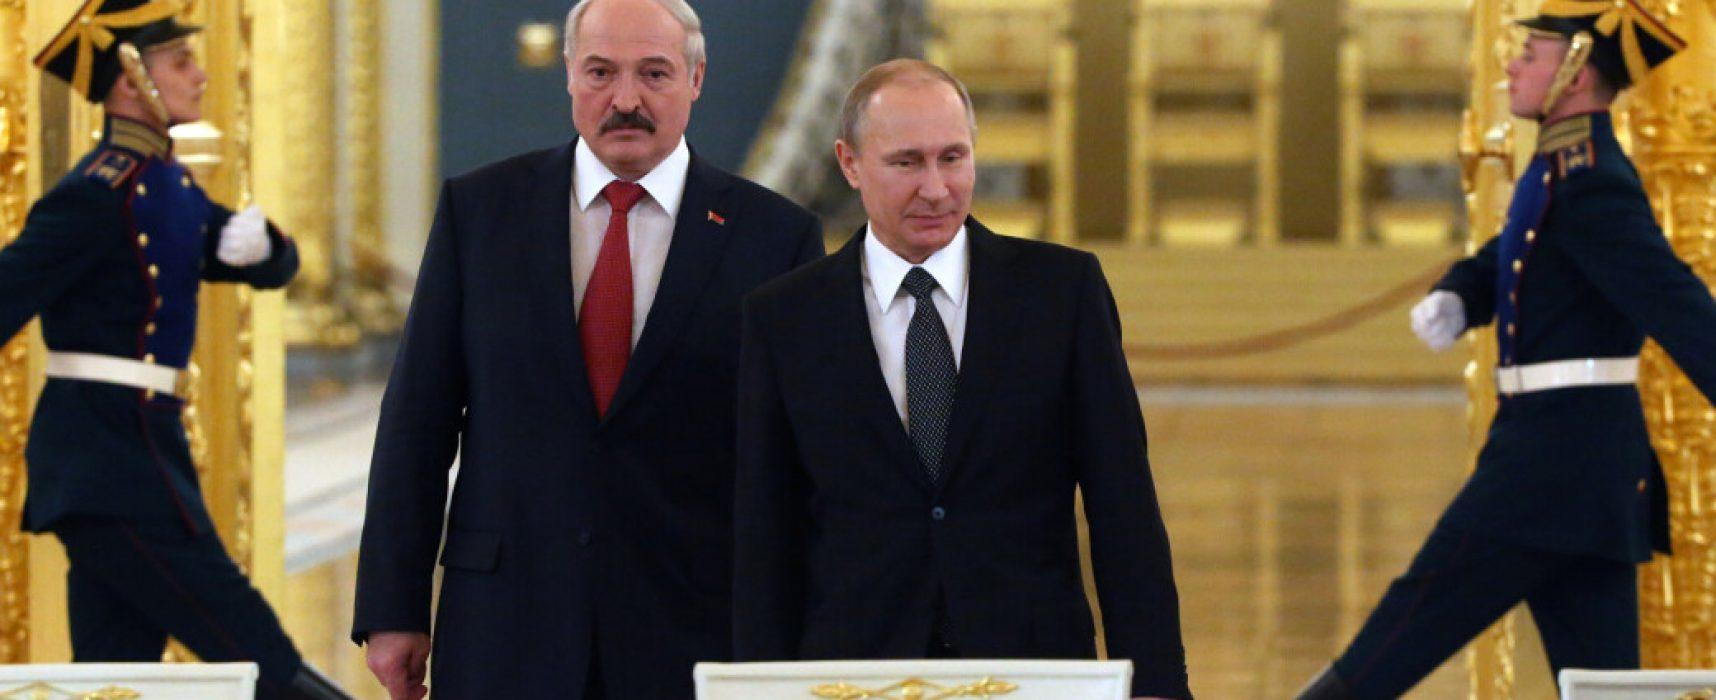 Спасать или сливать? Что будет делать Москва с Лукашенко — анализ пропаганды